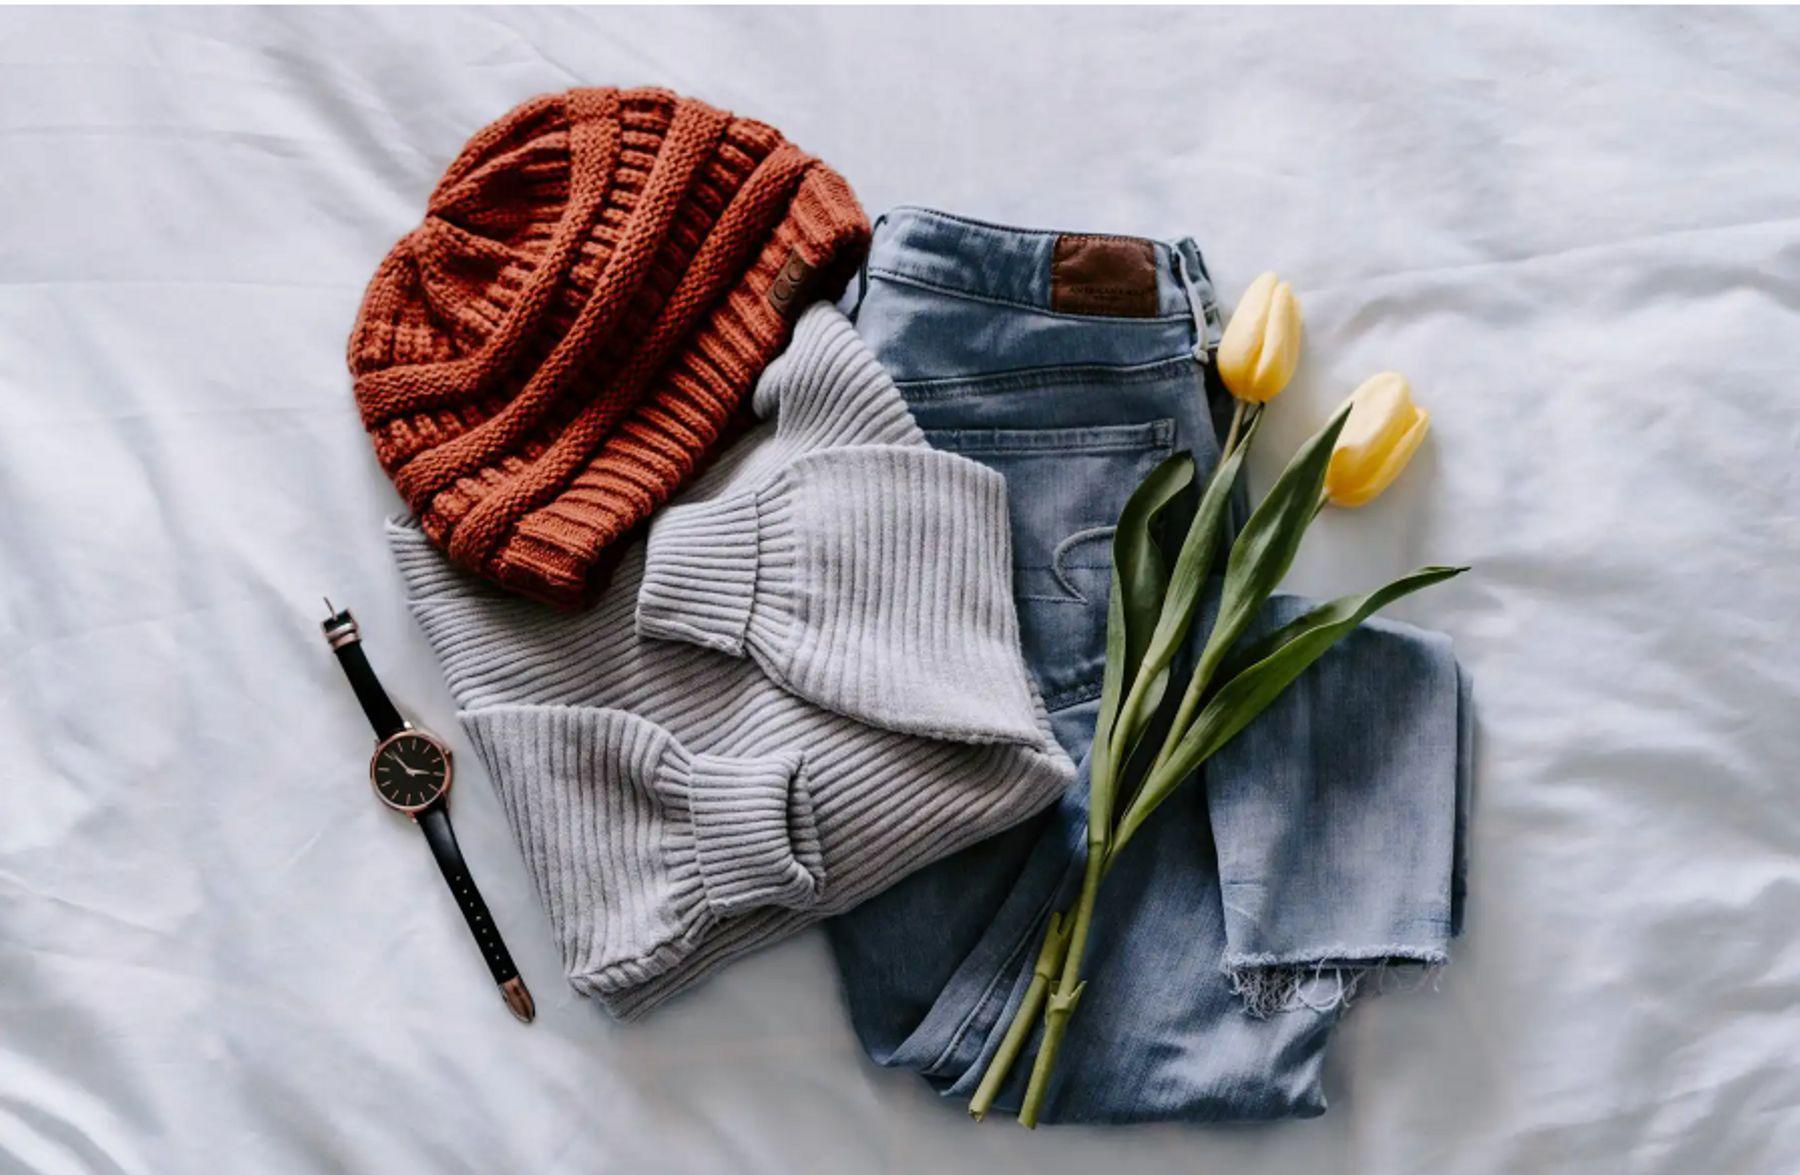 Sự tiện dụng của khăn kèm mũ khiến nhiều người ưa chuộng sản phẩm | Cleanipedia